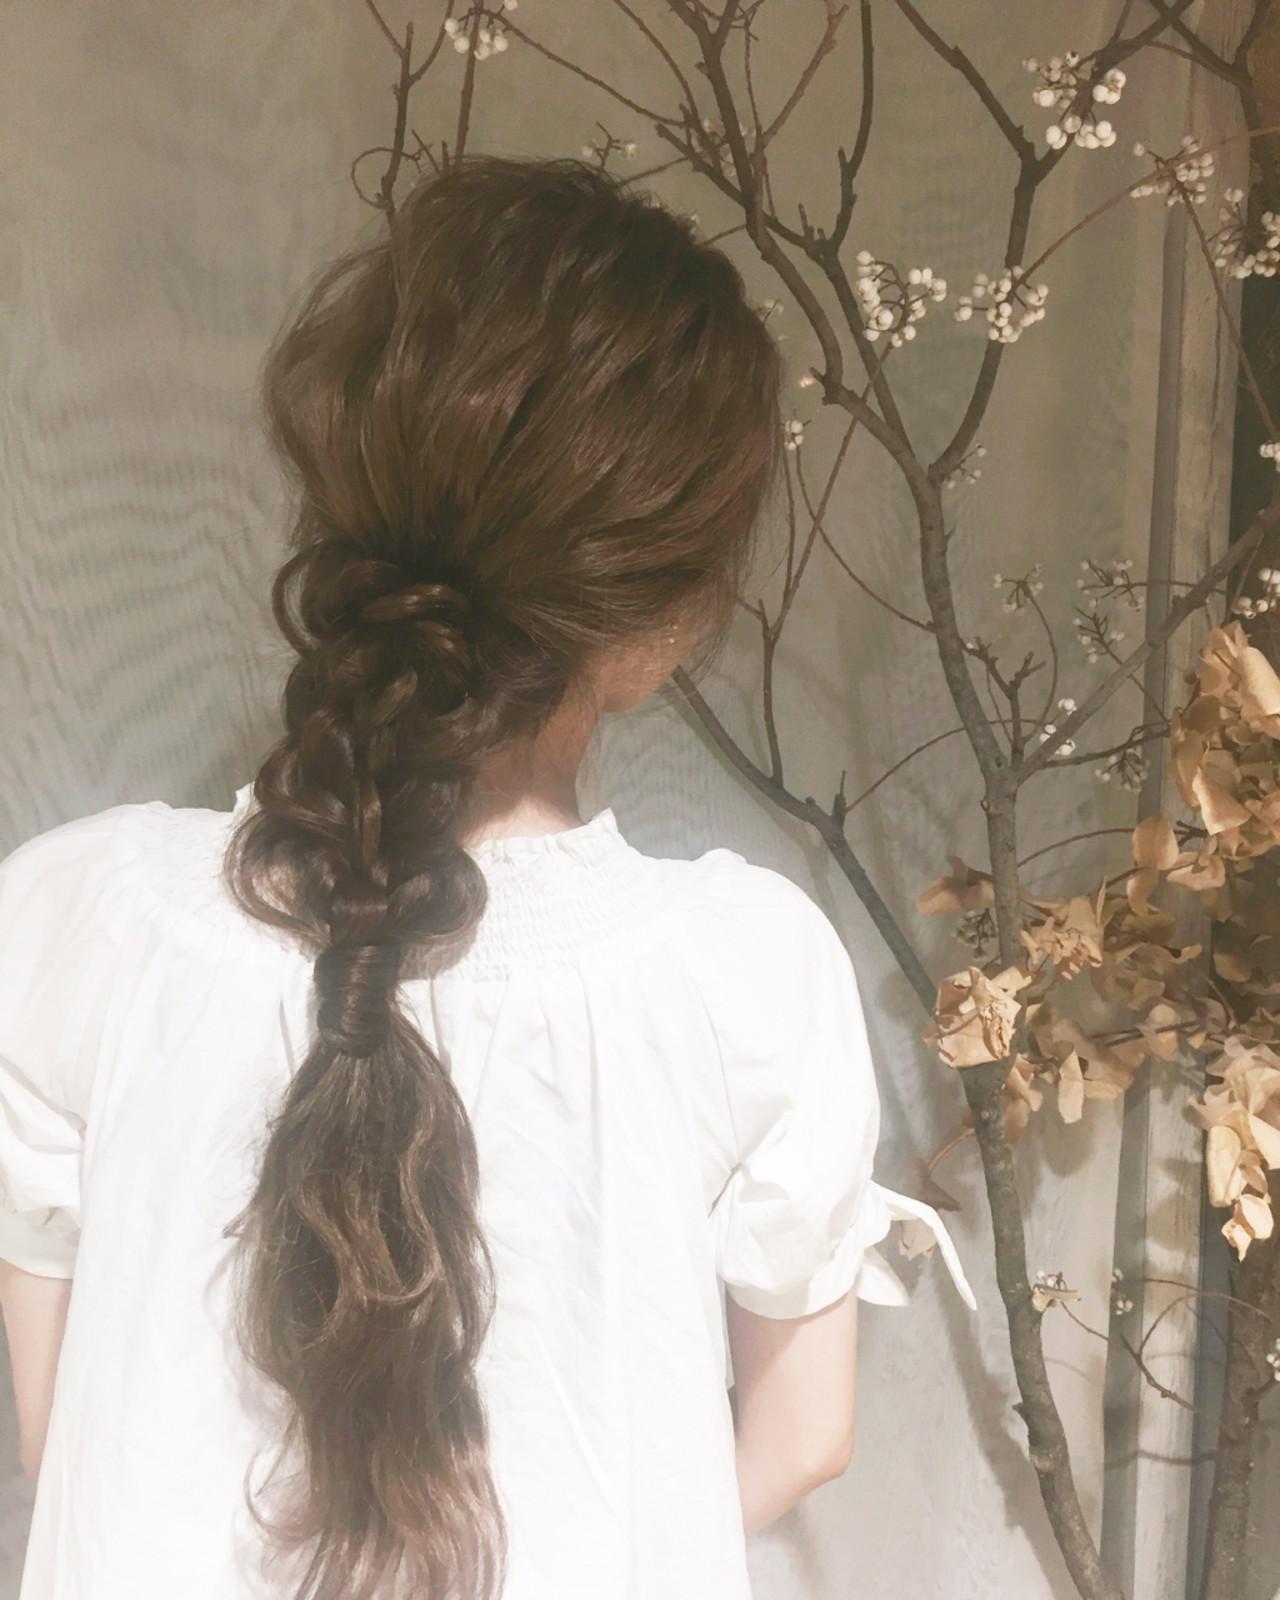 ウェーブ ナチュラル ポニーテール アンニュイ ヘアスタイルや髪型の写真・画像